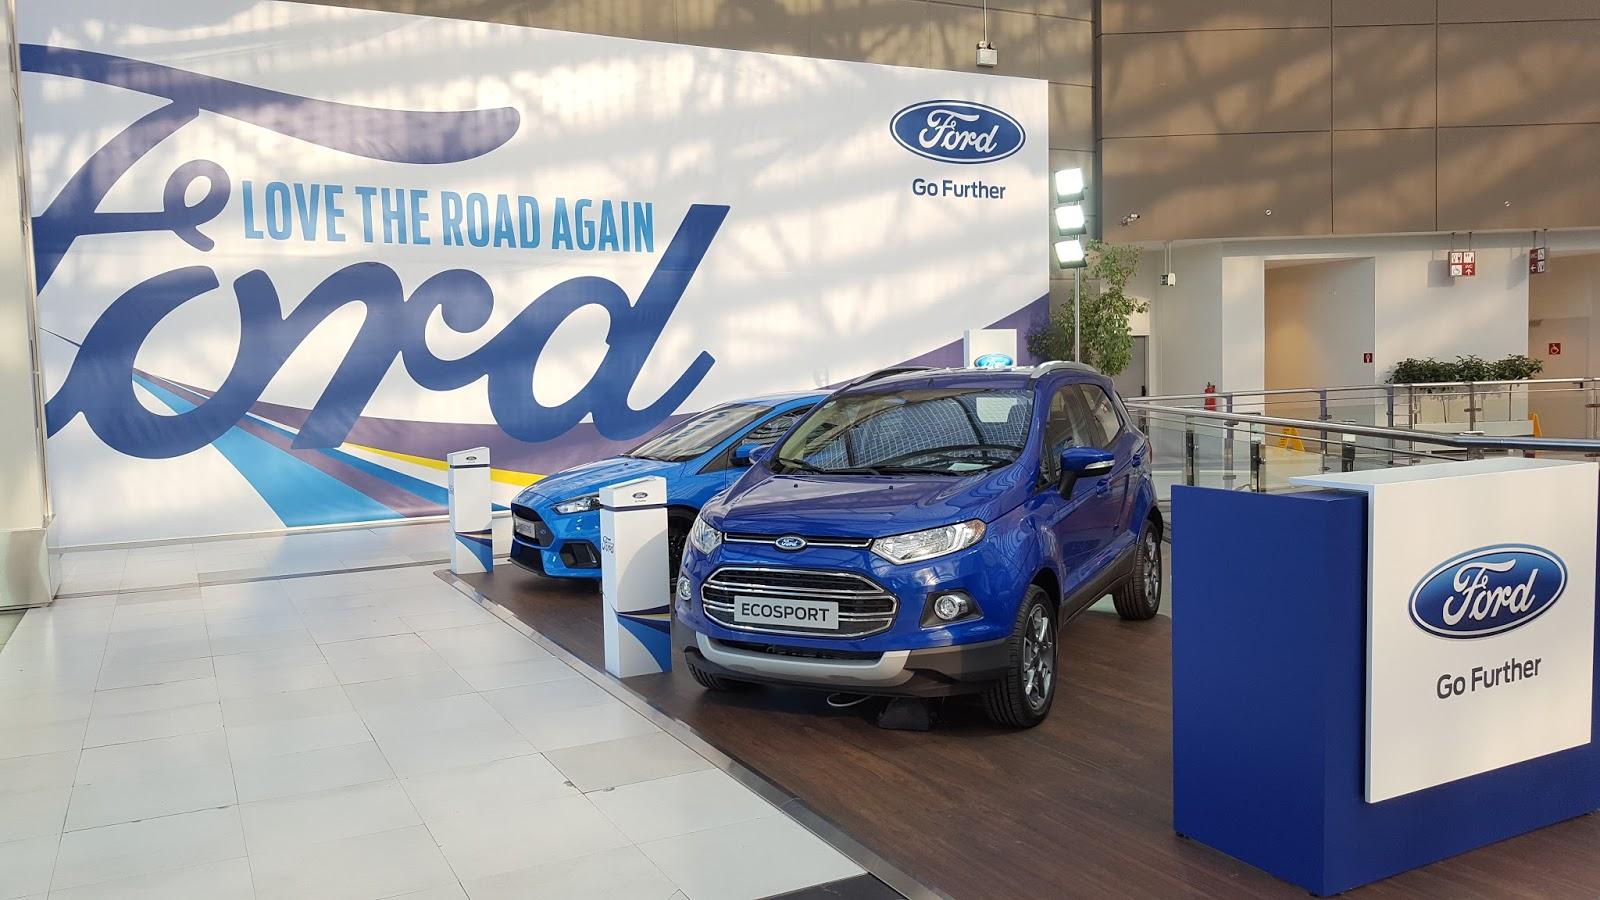 20160928 091028 Δείτε όλα τα νέα μοντέλα Ford στο The Mall Athens Ford, Ford EcoSport, Ford Fiesta ST-Line, Ford Focus RS, Ford KA+